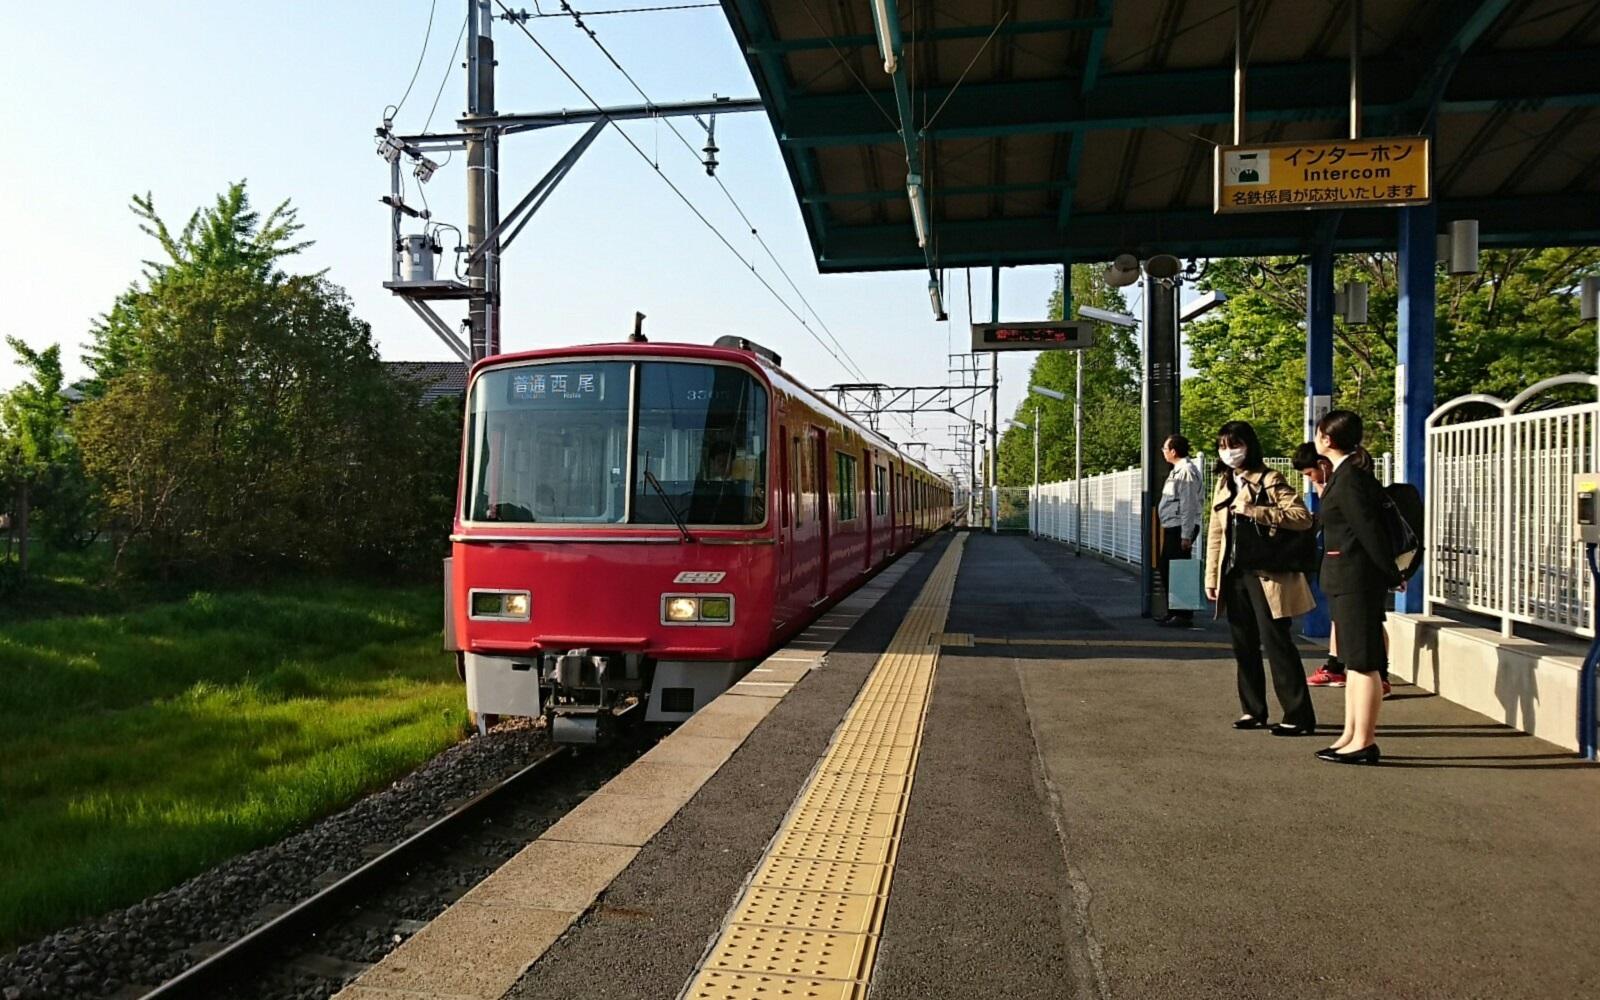 2018.4.20 堀内公園 (7) 堀内公園 - 西尾いきふつう 1600-1000